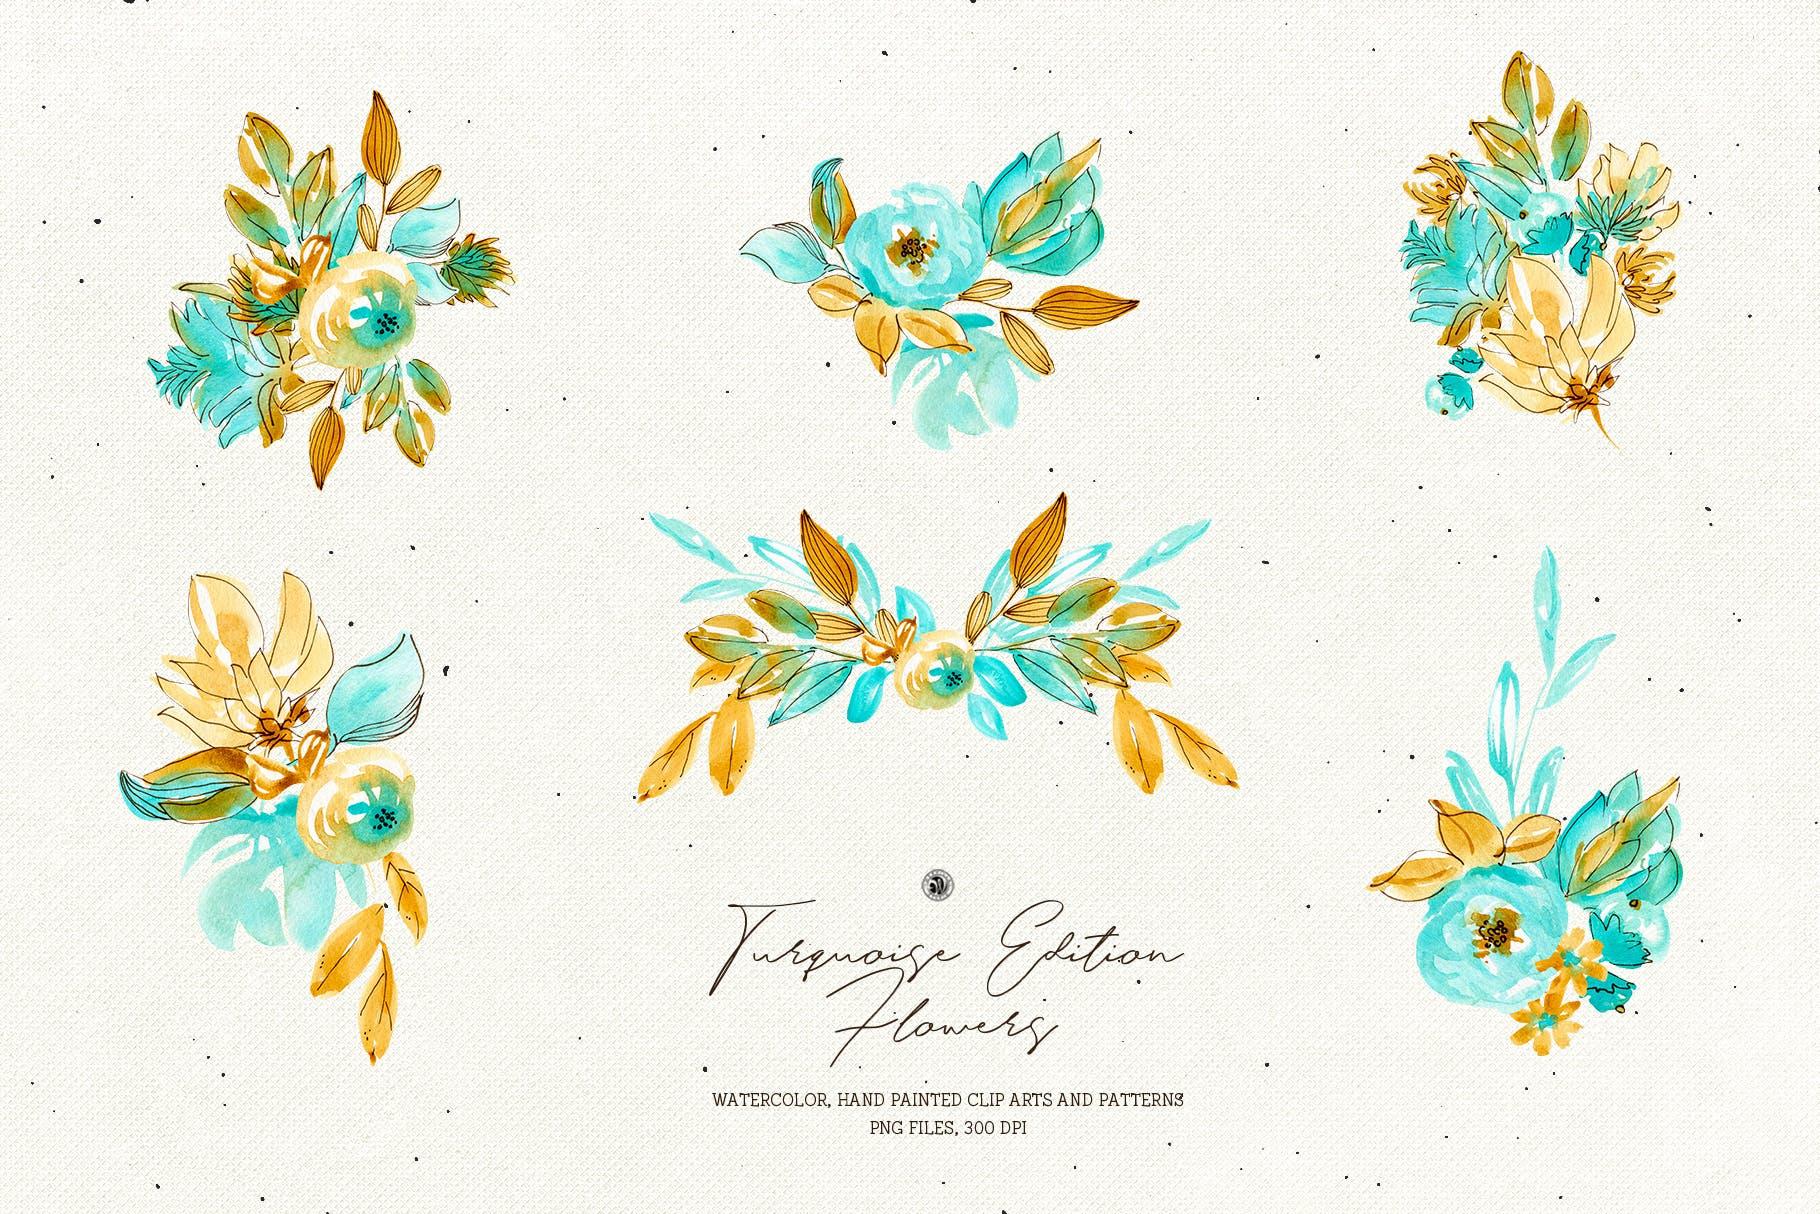 绿松石版水彩花/手绘水彩画/剪贴艺术图案Turquoise Edition Flowers插图(4)